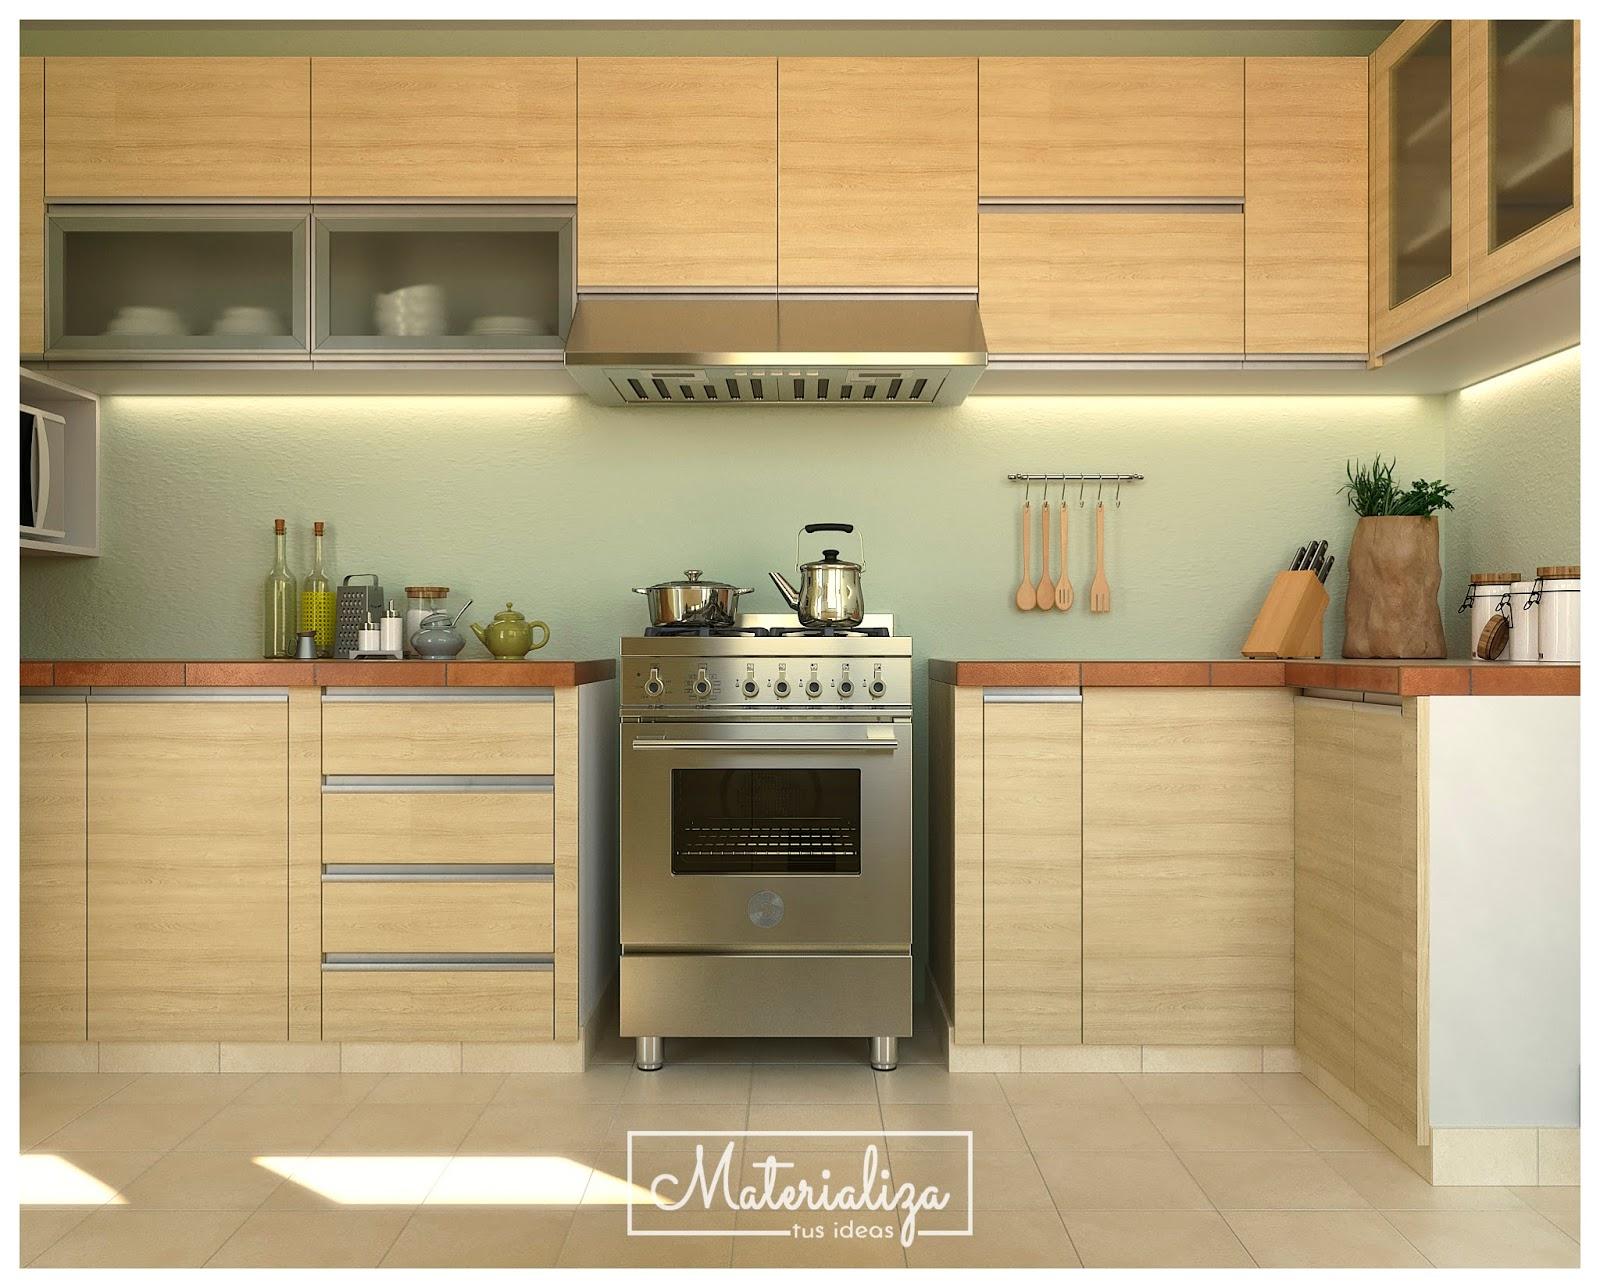 Mueble cocina en melamina carvalo for Muebles cocina melamina